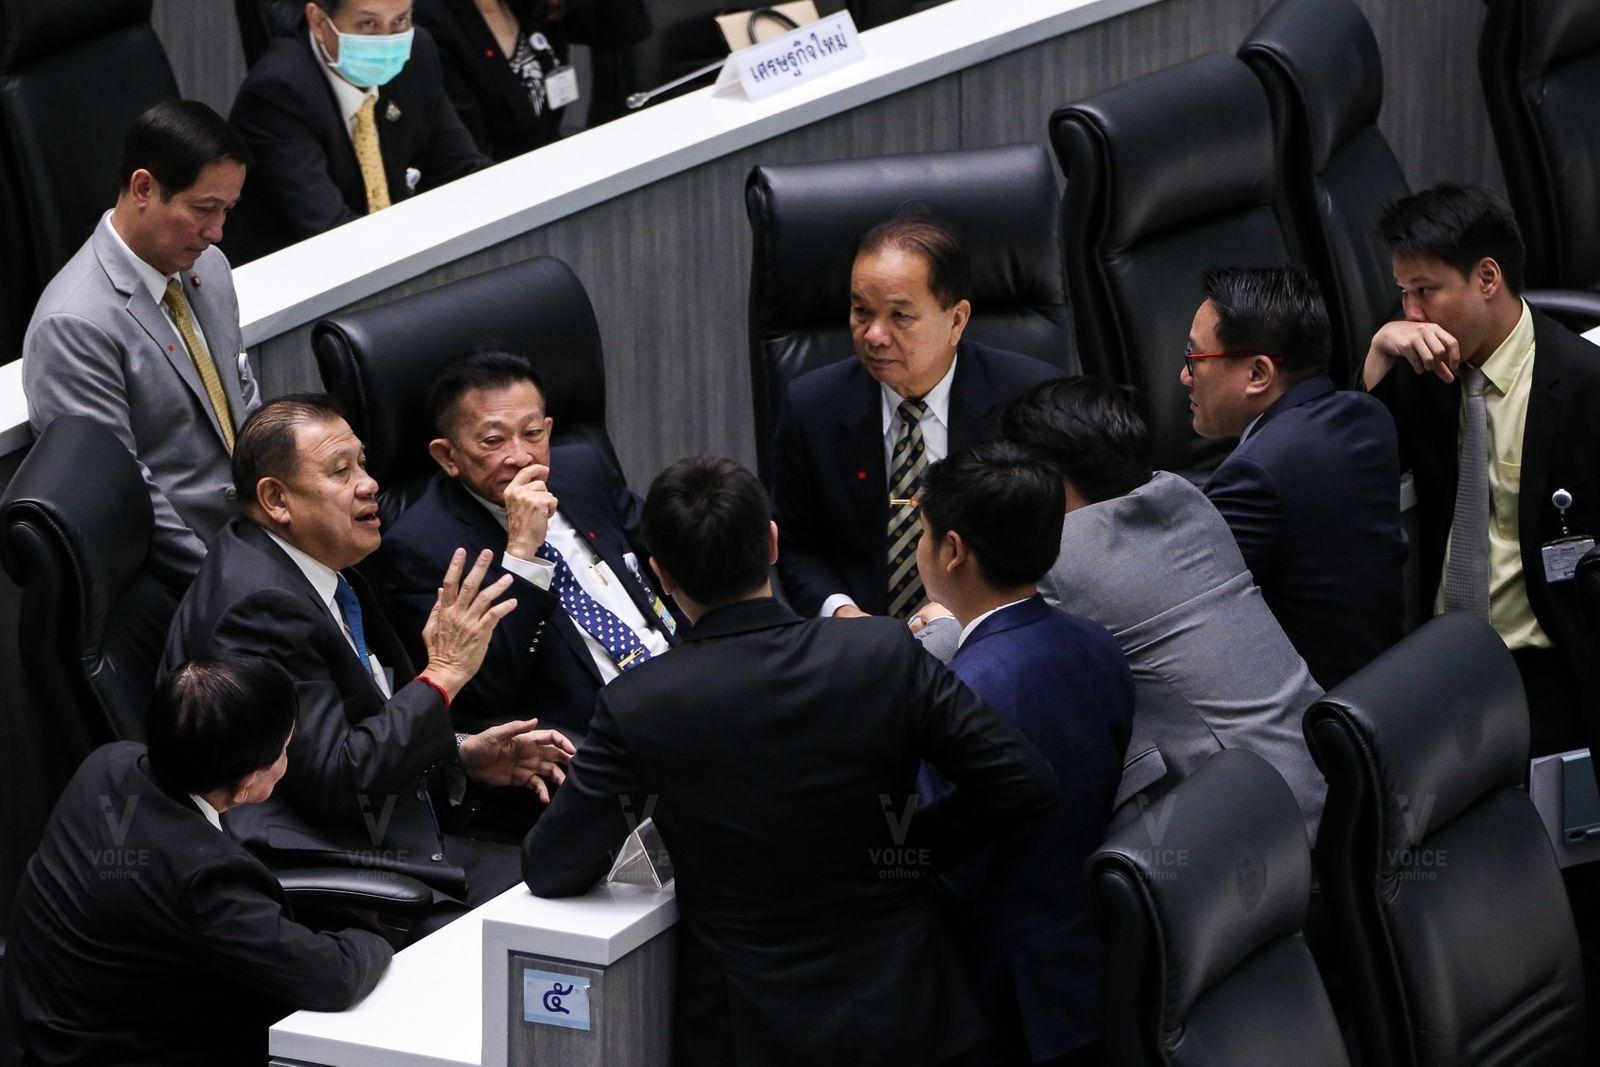 ฝ่ายค้าน เพื่อไทย พลังประชารัฐ วิป-วิปฝ่ายรัฐบาล-ประชุมสภา-การเมือง-วิรัช